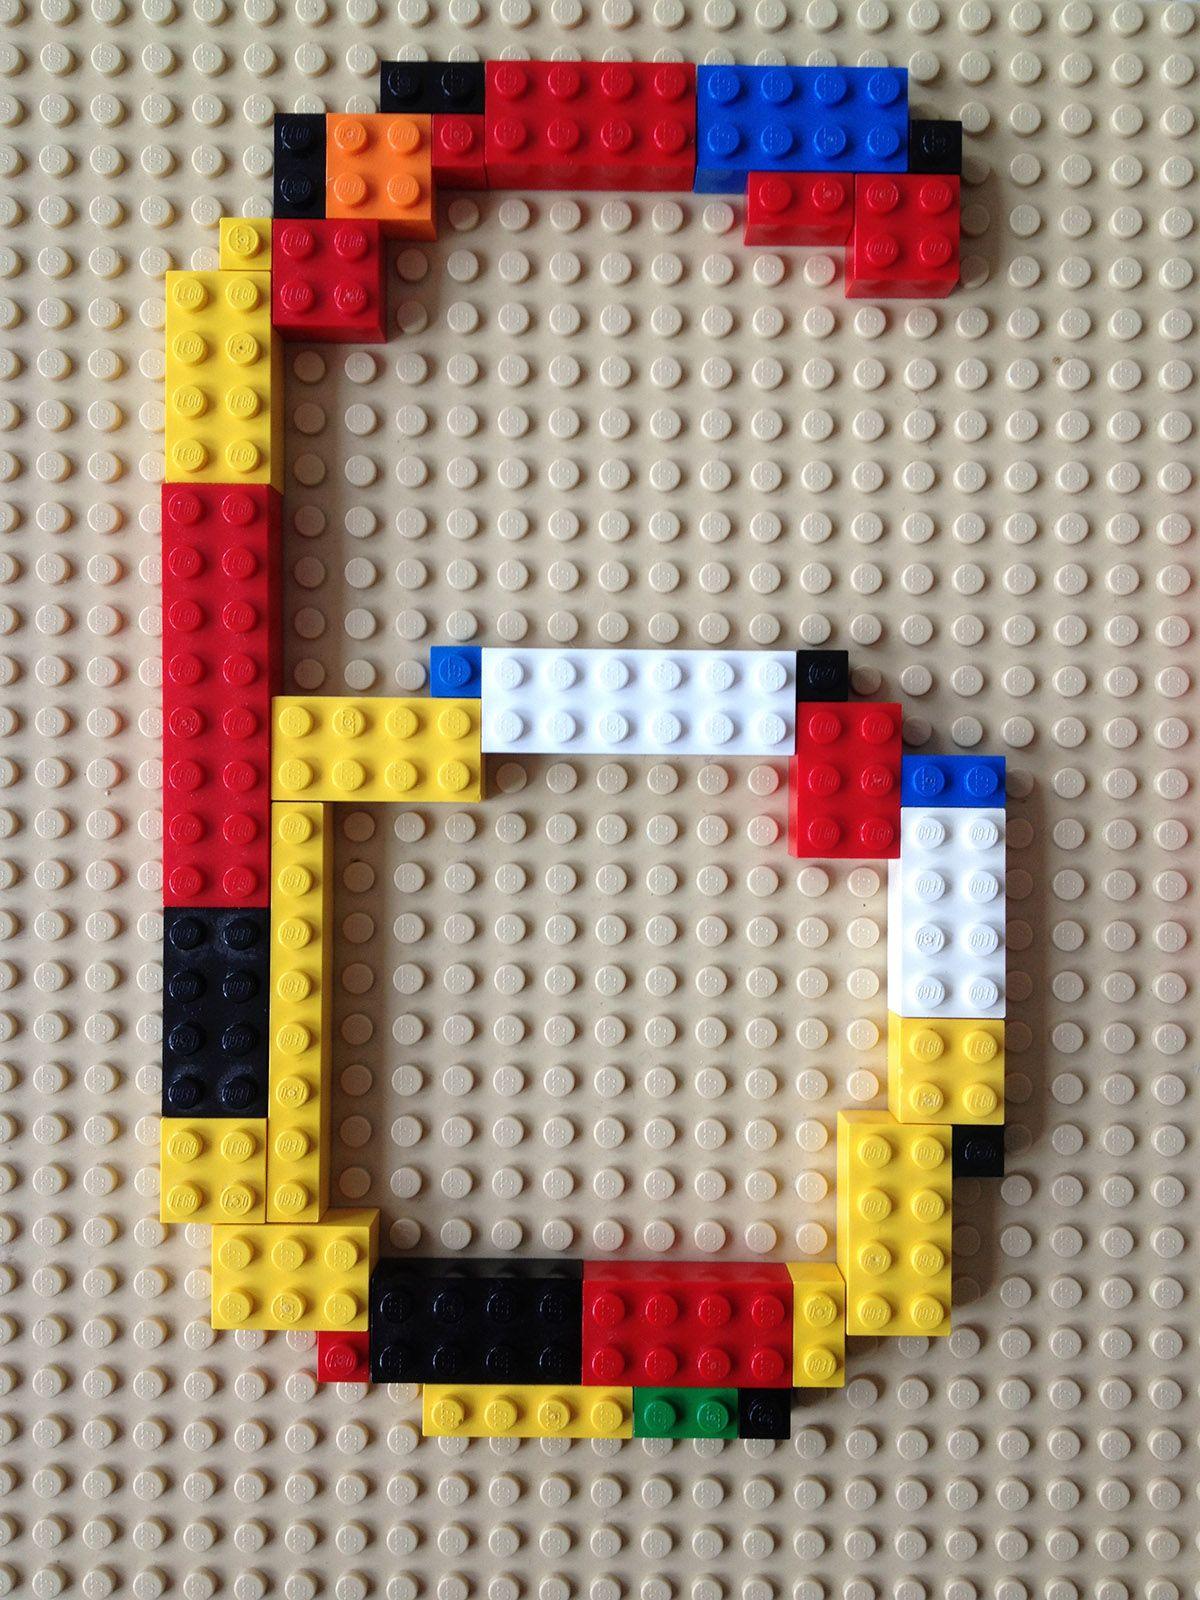 Vorlage zur #Einladung. Zahl aus Lego für die #Legoparty …   Pinteres…